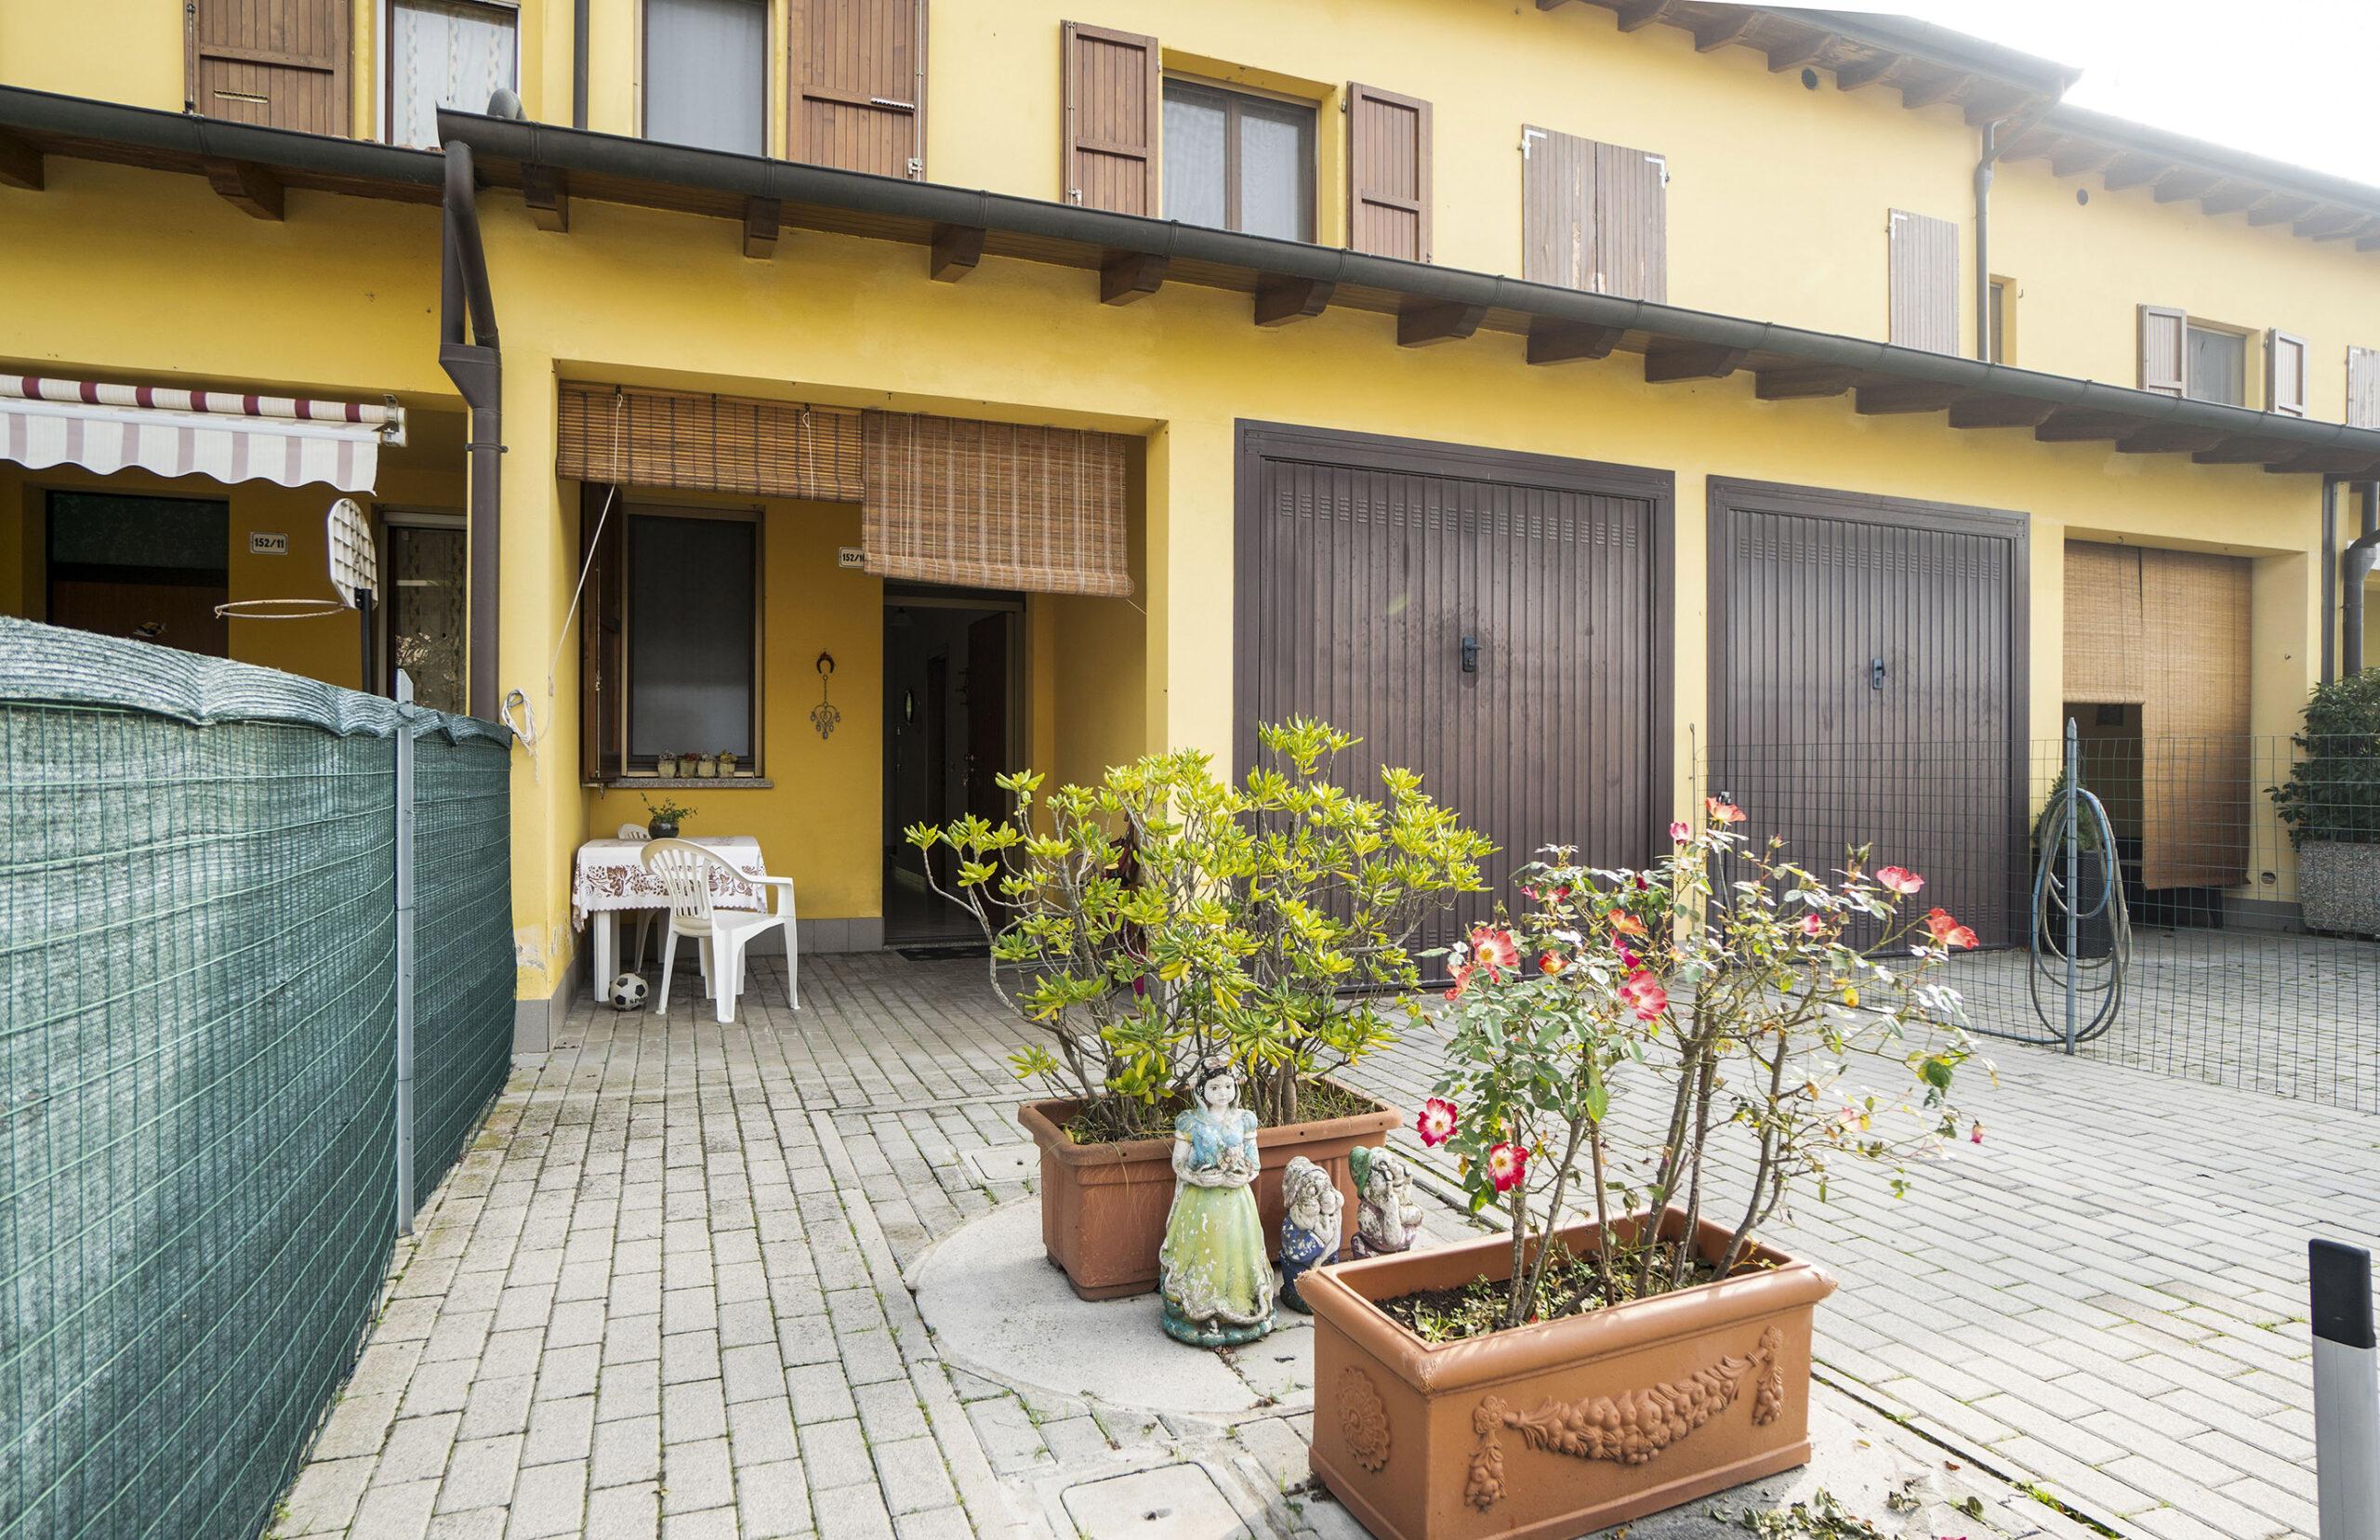 Villetta a schiera con giardino privato.